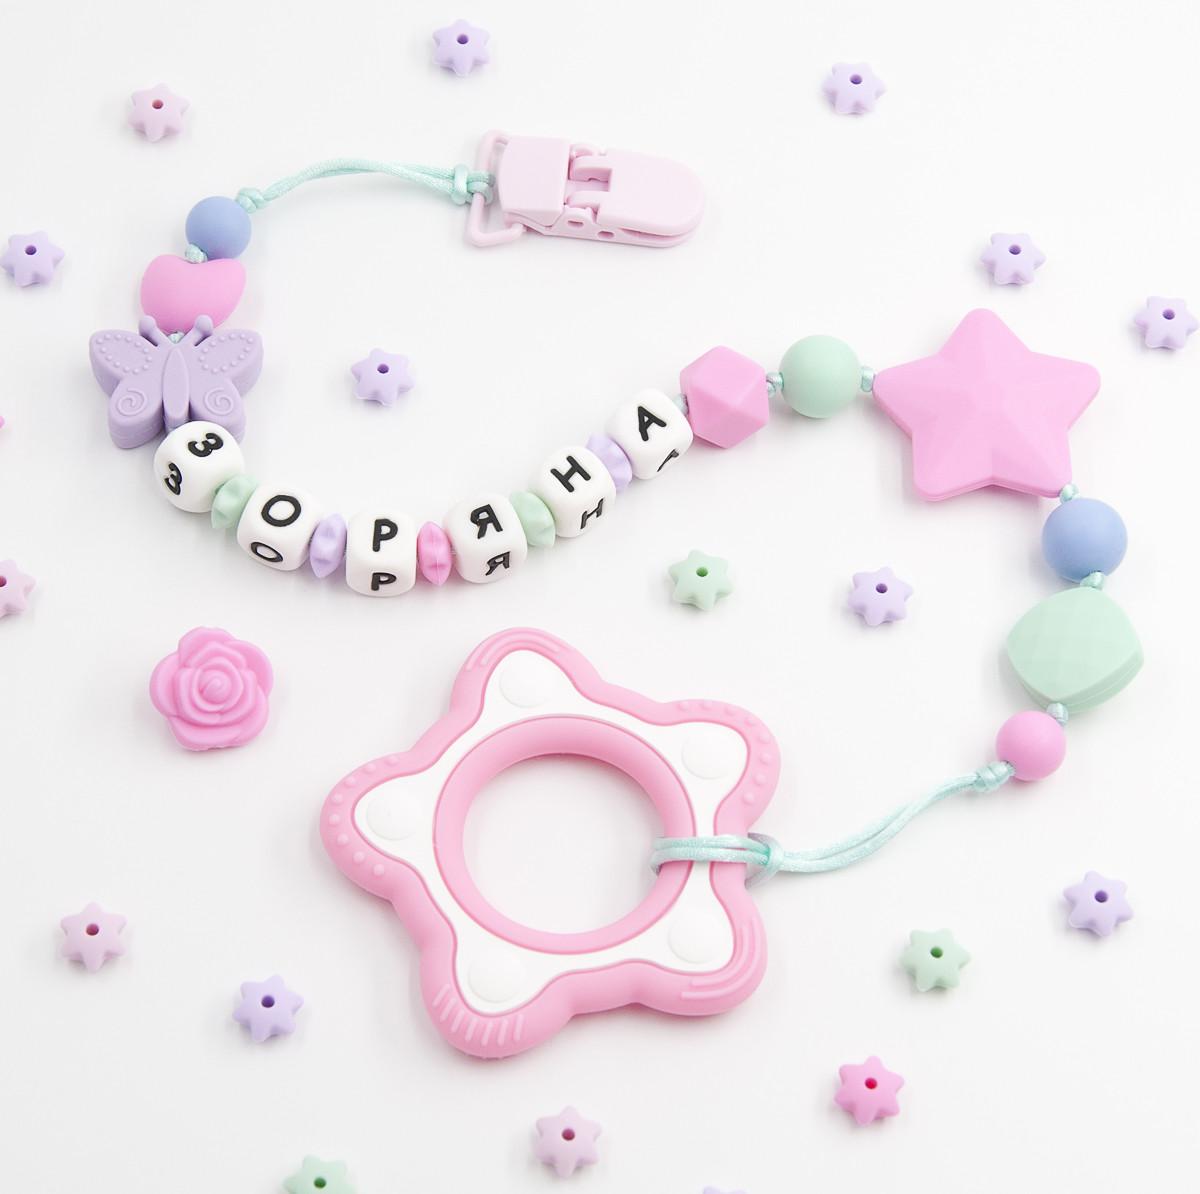 """Именной силиконовый грызунок с держателем на прищепке Ярмирина """"Розовая Звезда"""" с именем вашего малыша"""